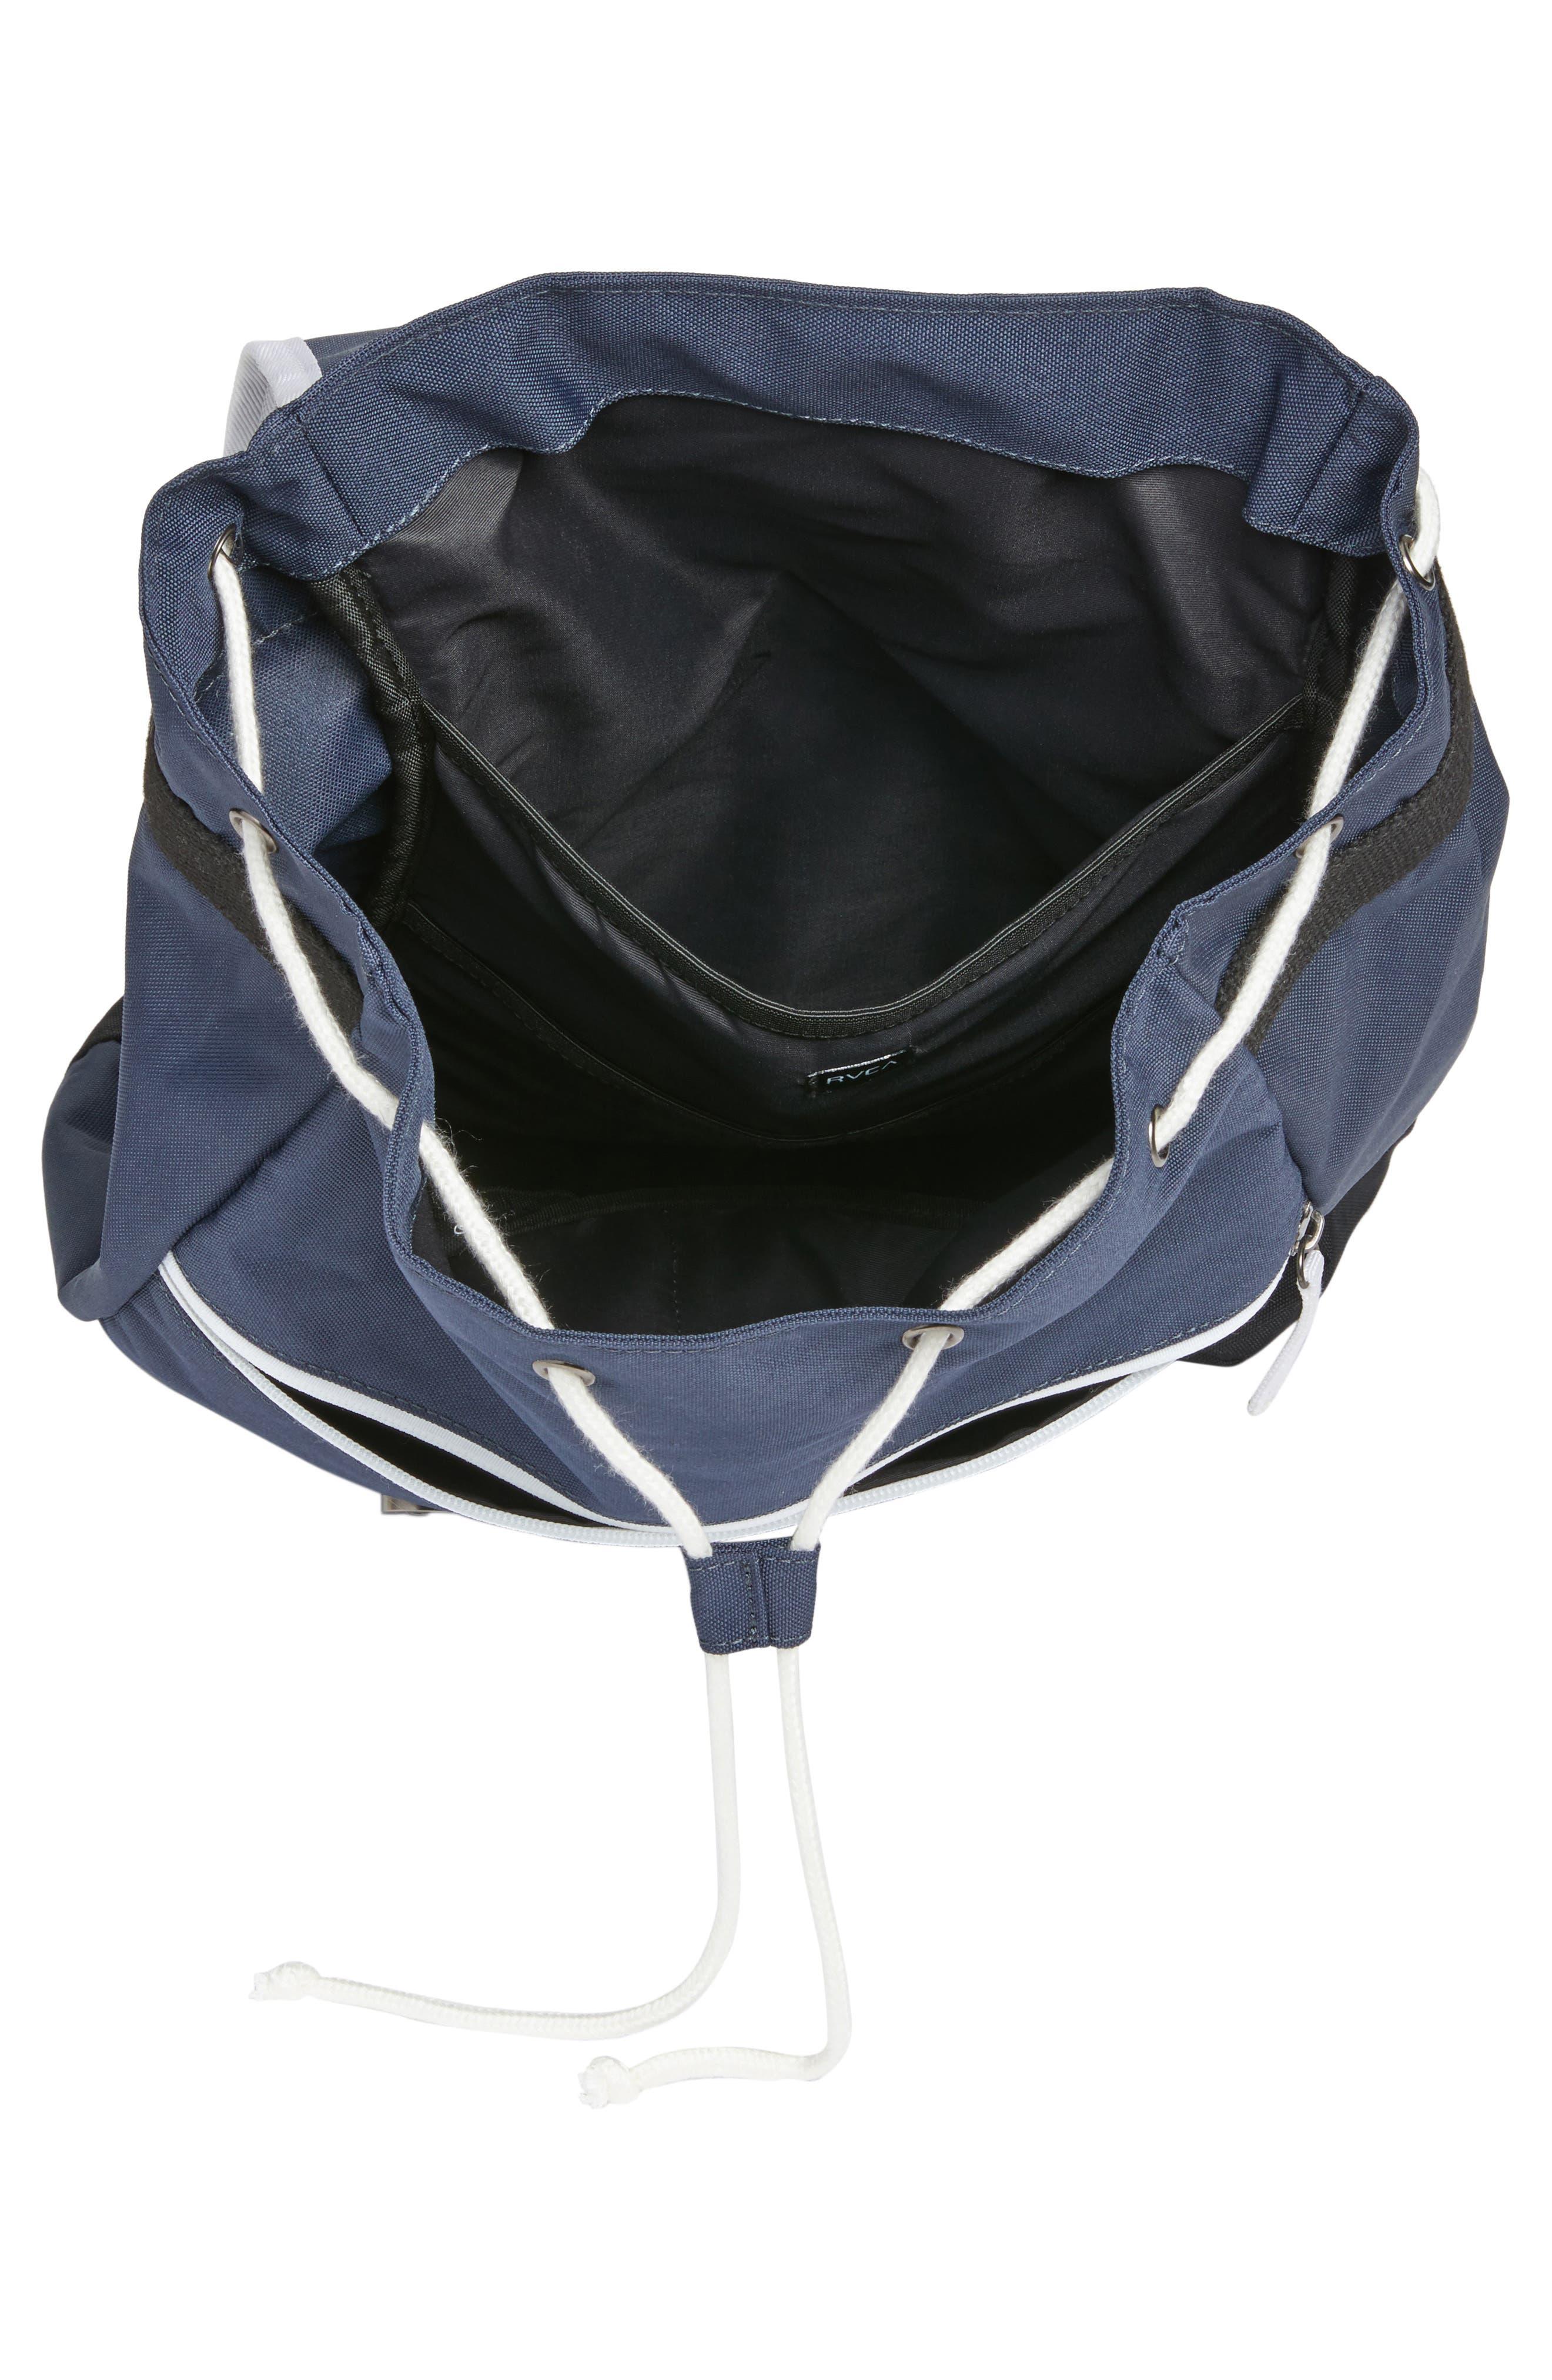 Dazed Backpack,                             Alternate thumbnail 3, color,                             Federal Blue